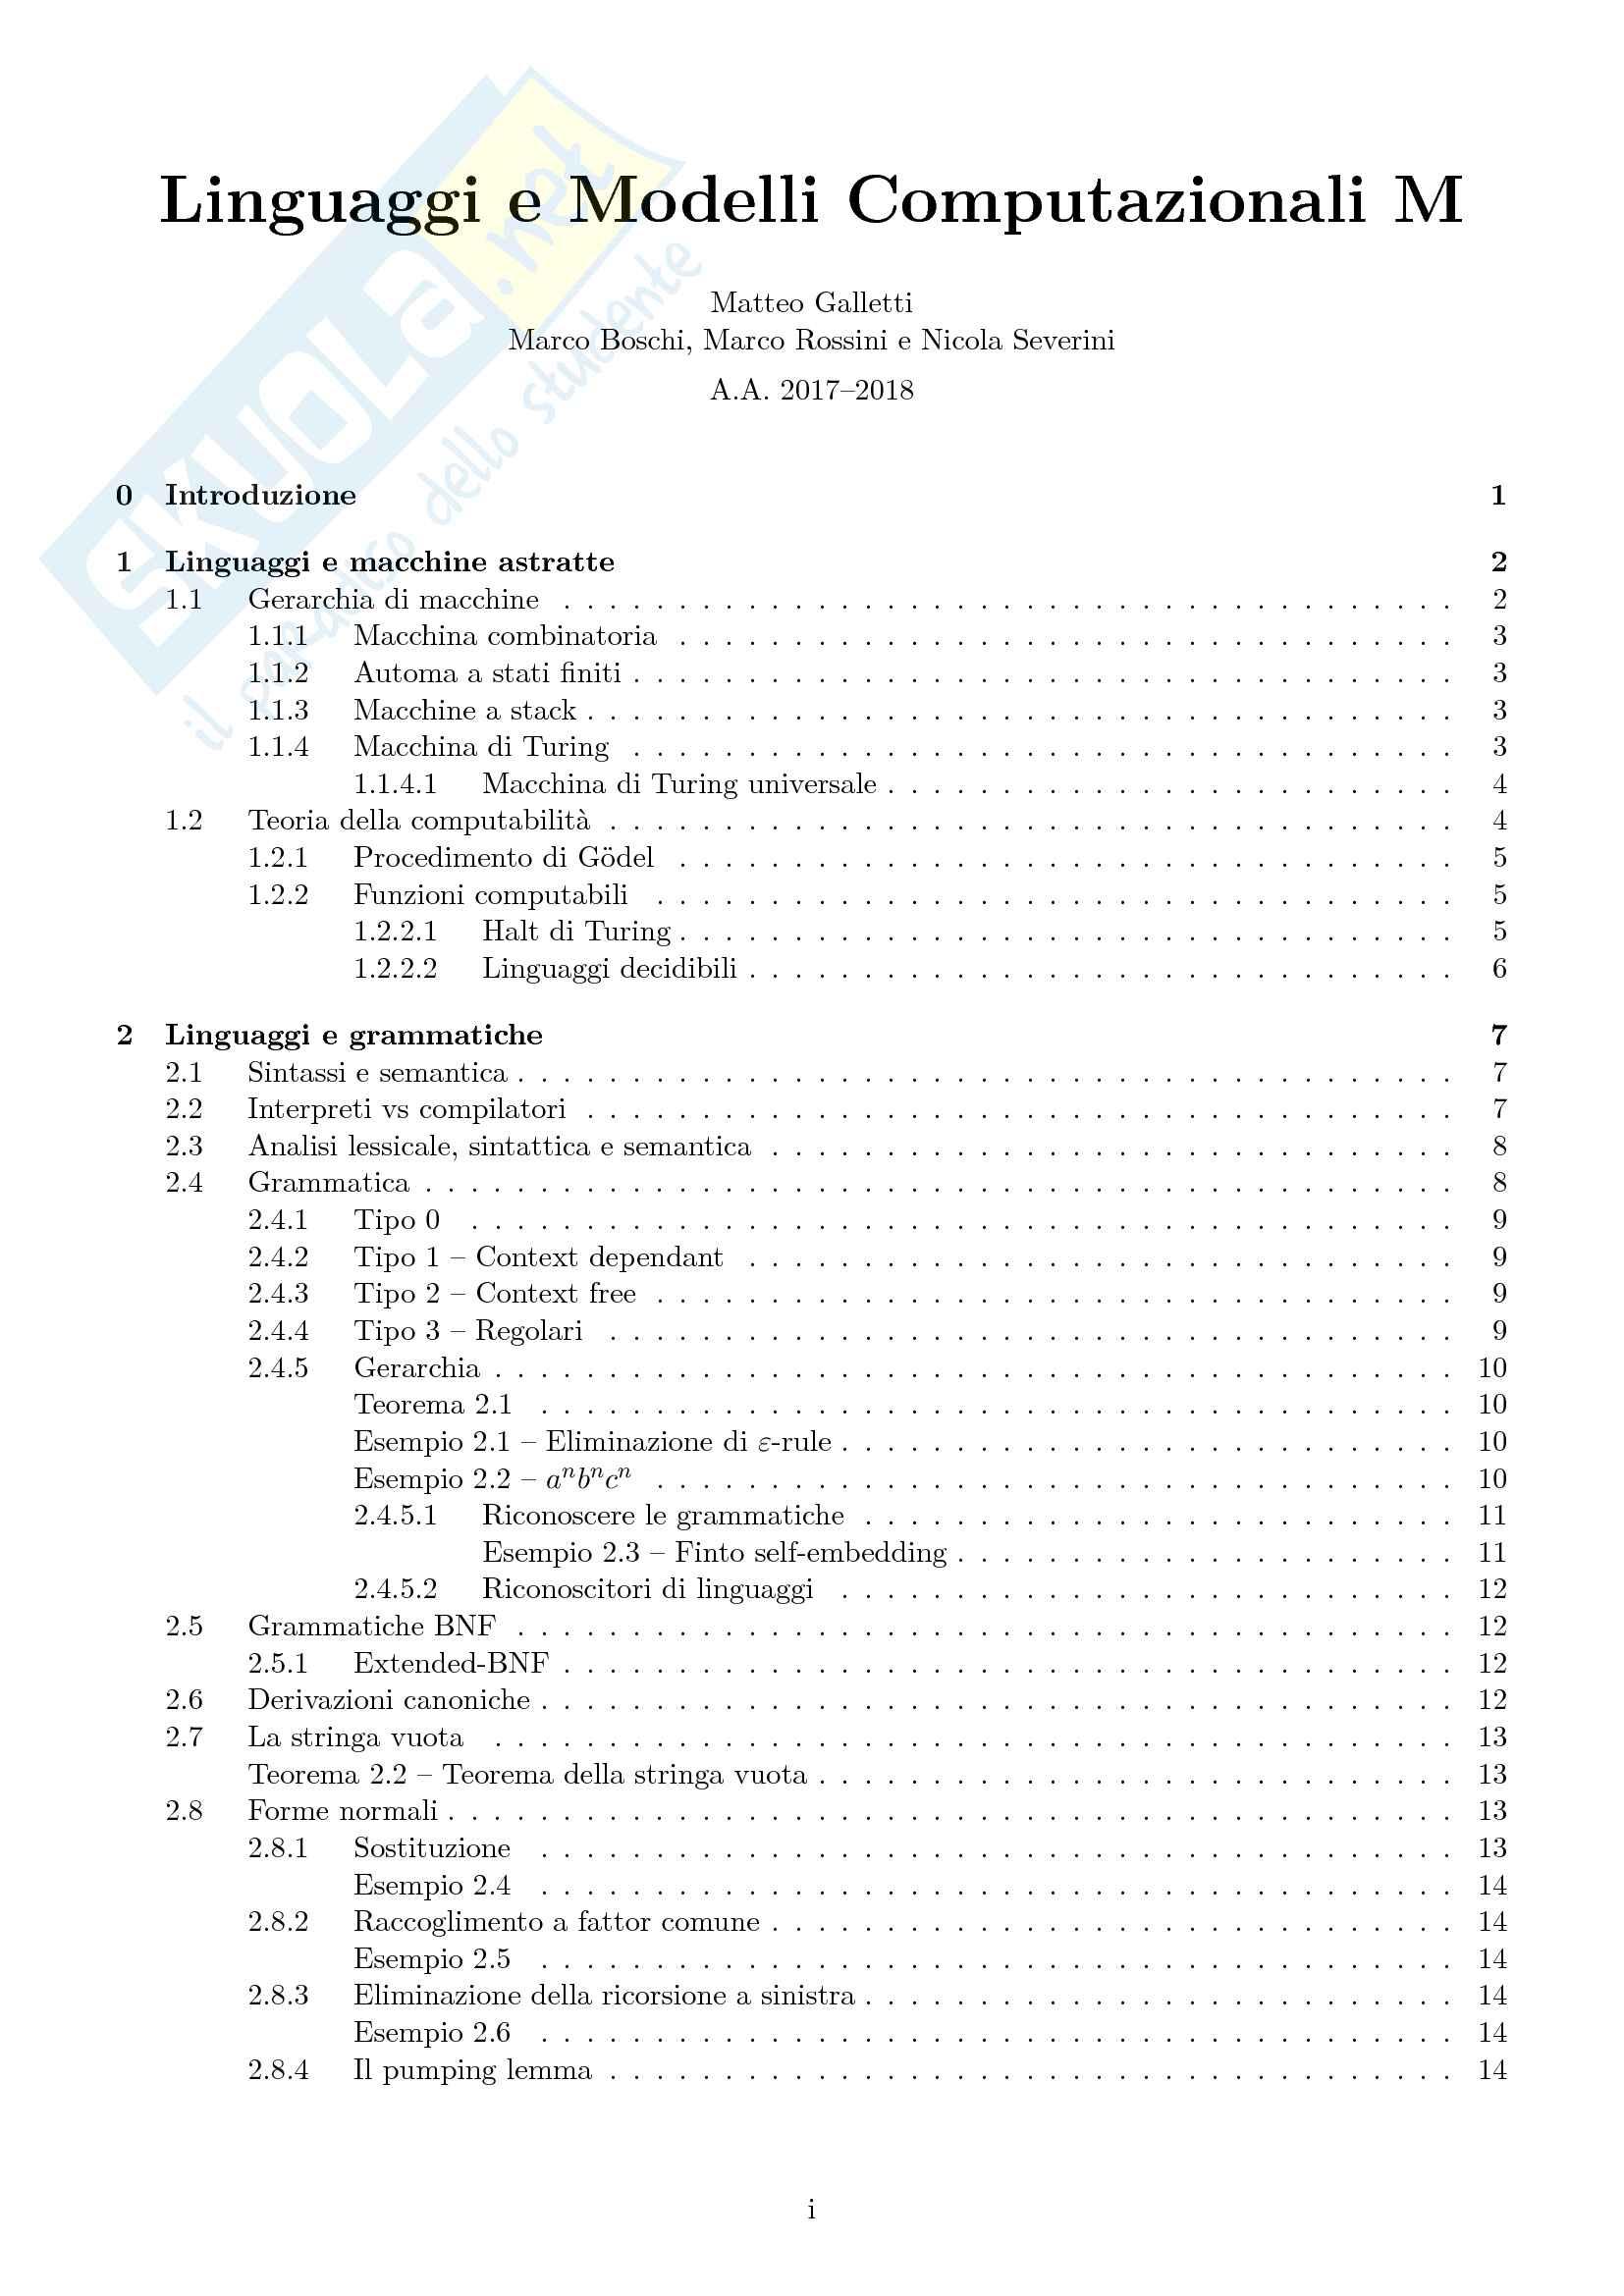 Appunti di Linguaggi e Modelli Computazionali